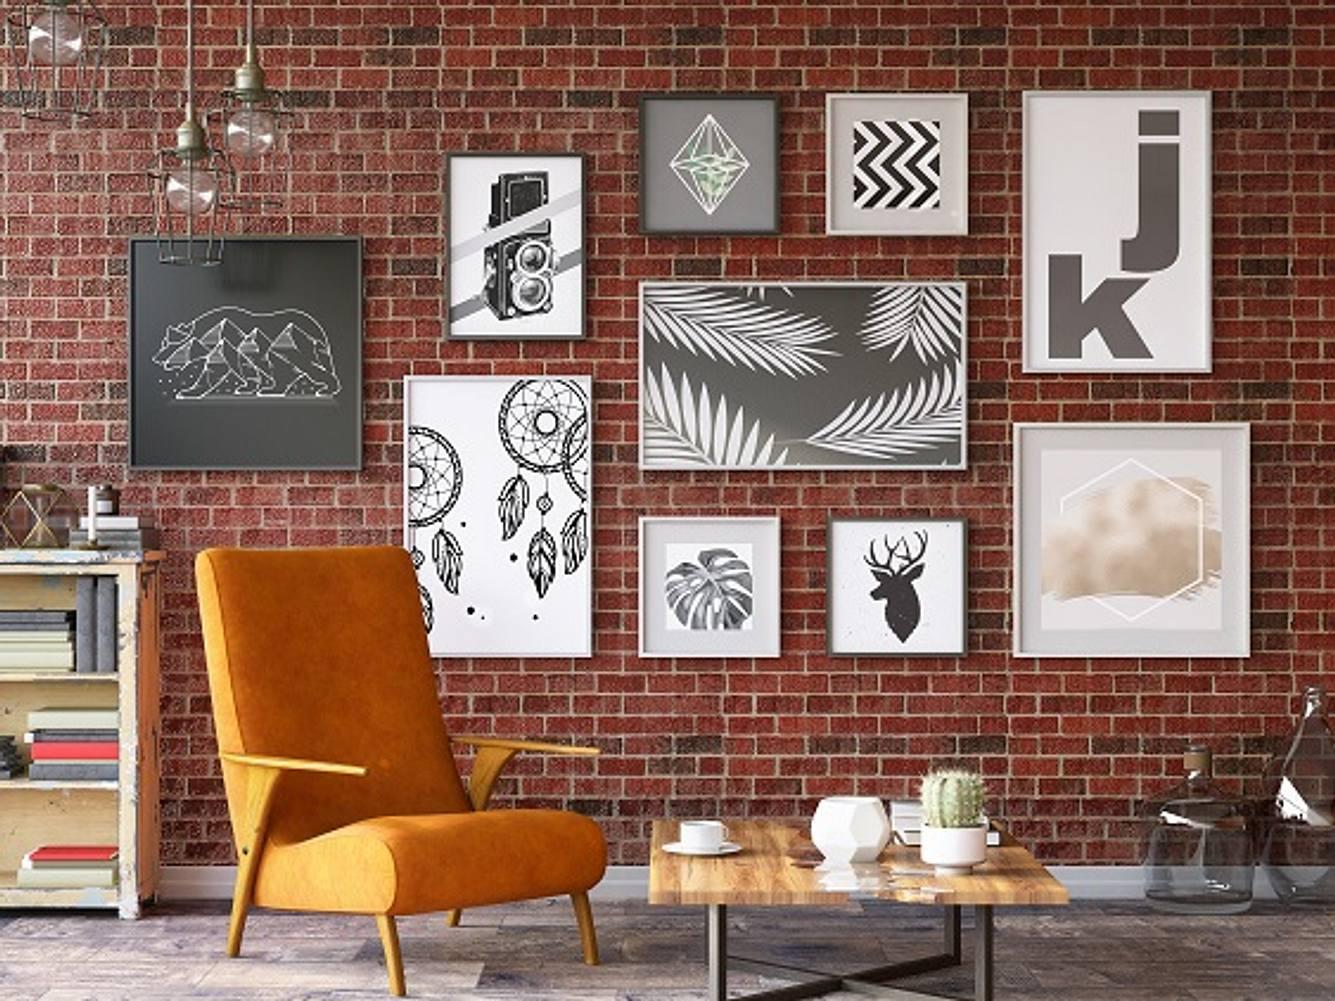 Verschiedene Poster mit Rahmen vor Backsteinwand